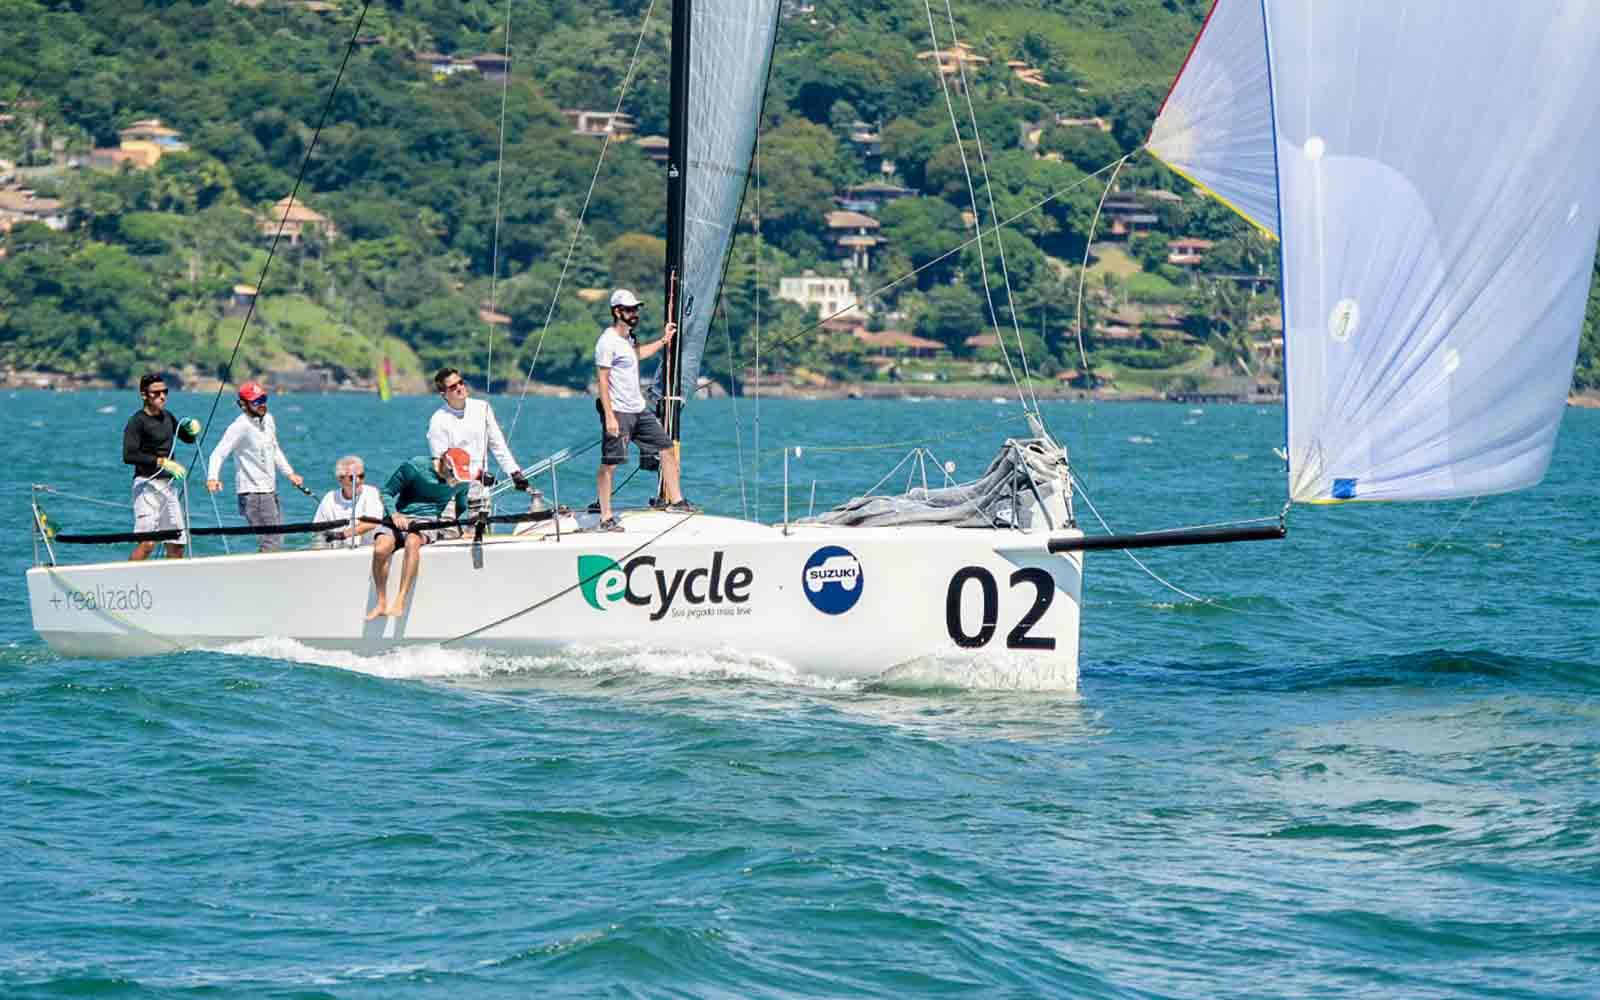 ecyclo etapa em ilhabela c30 - boat shopping